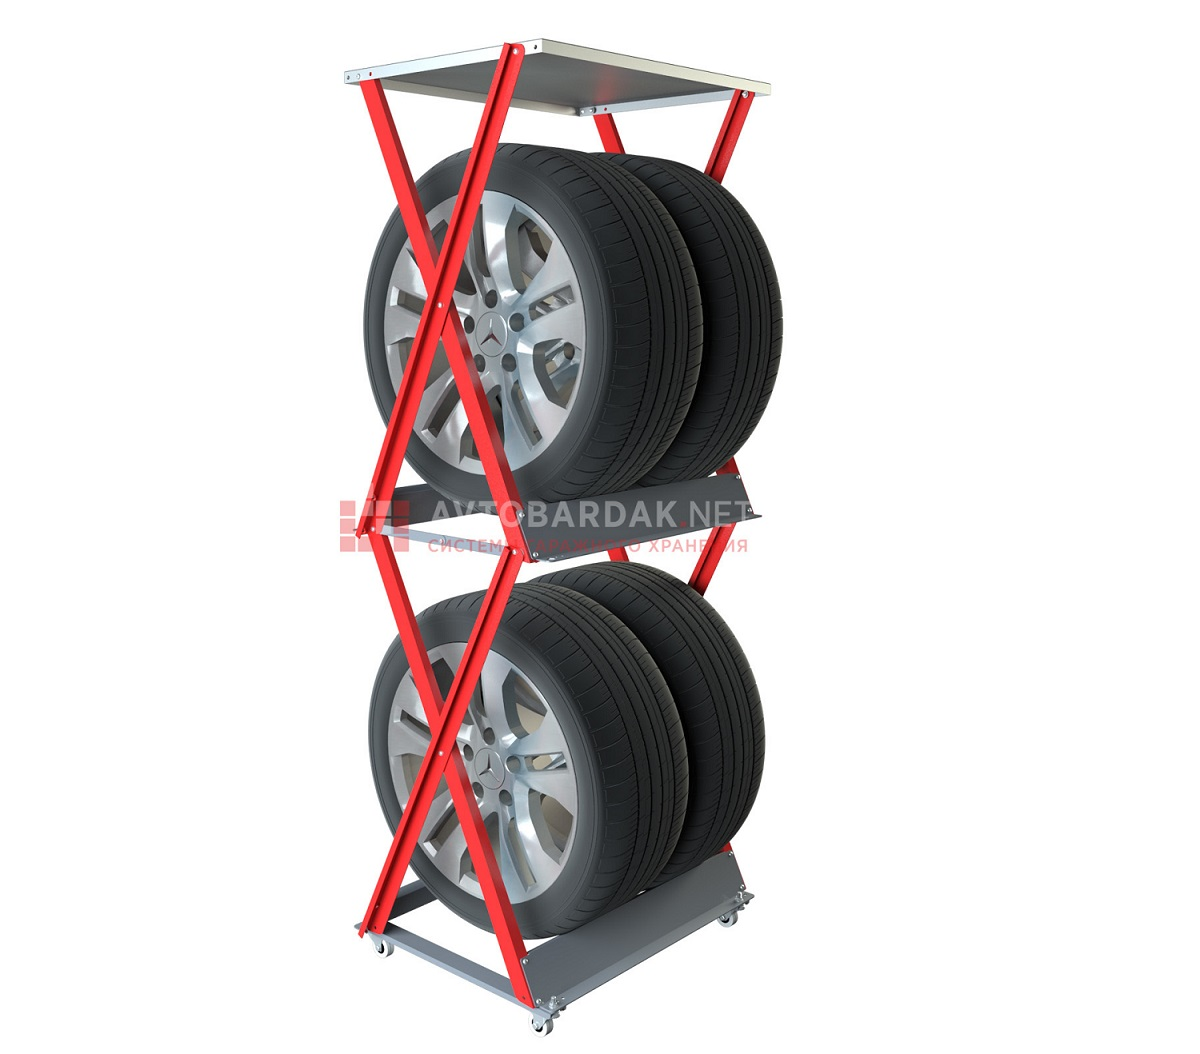 Вертикальная_стойка_для_хранения_колес_с_дисками